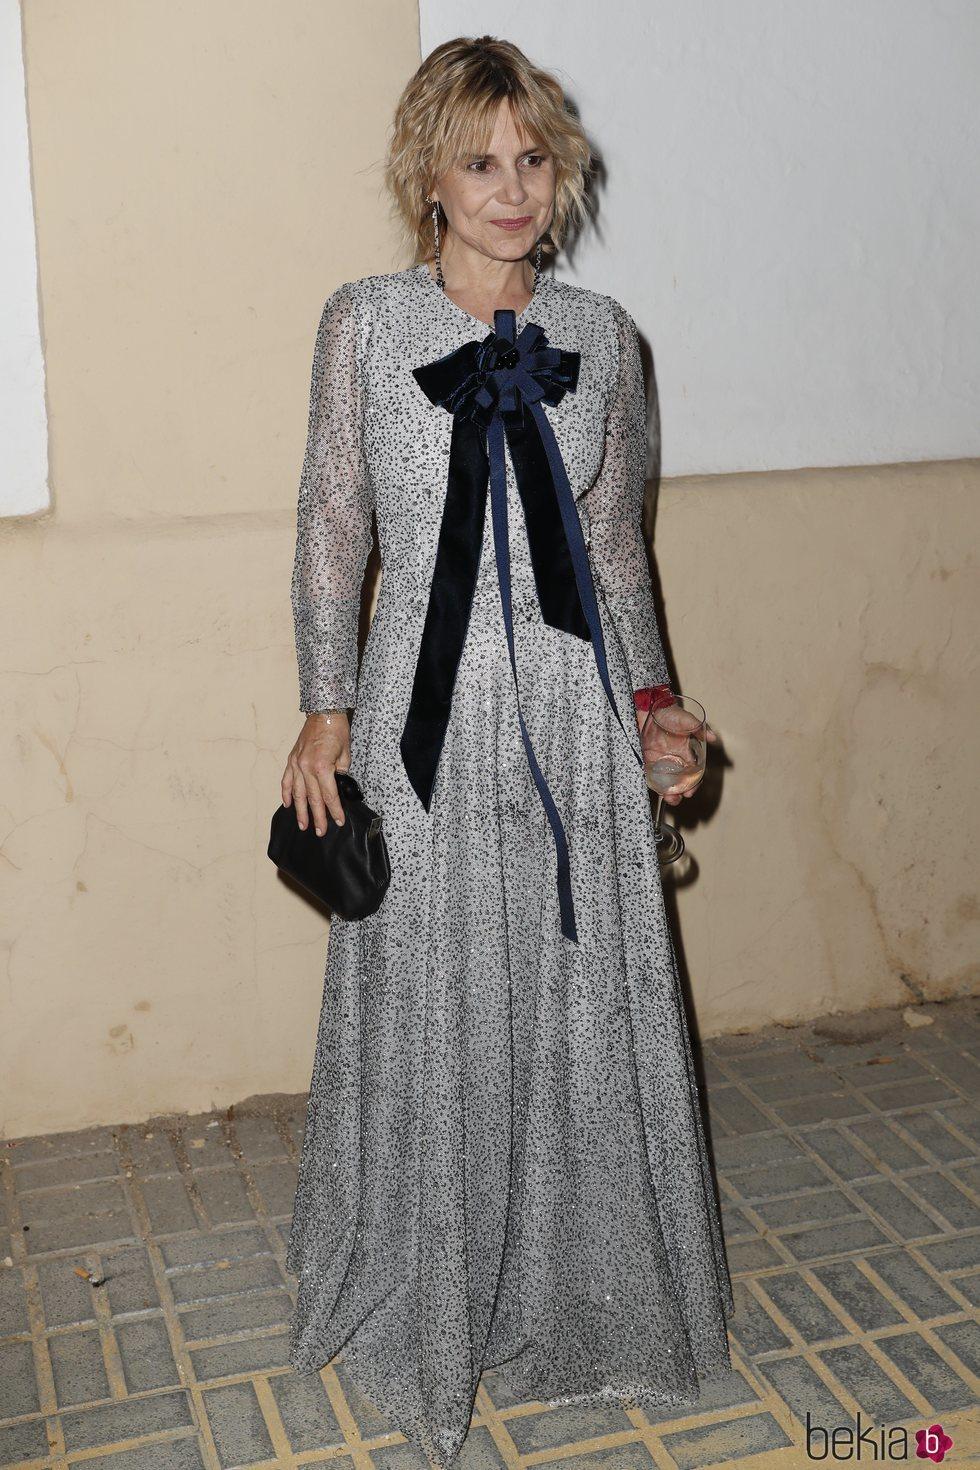 Eugenia Martínez de Irujo en la preboda de Ainhoa Arteta y Matías Urrea